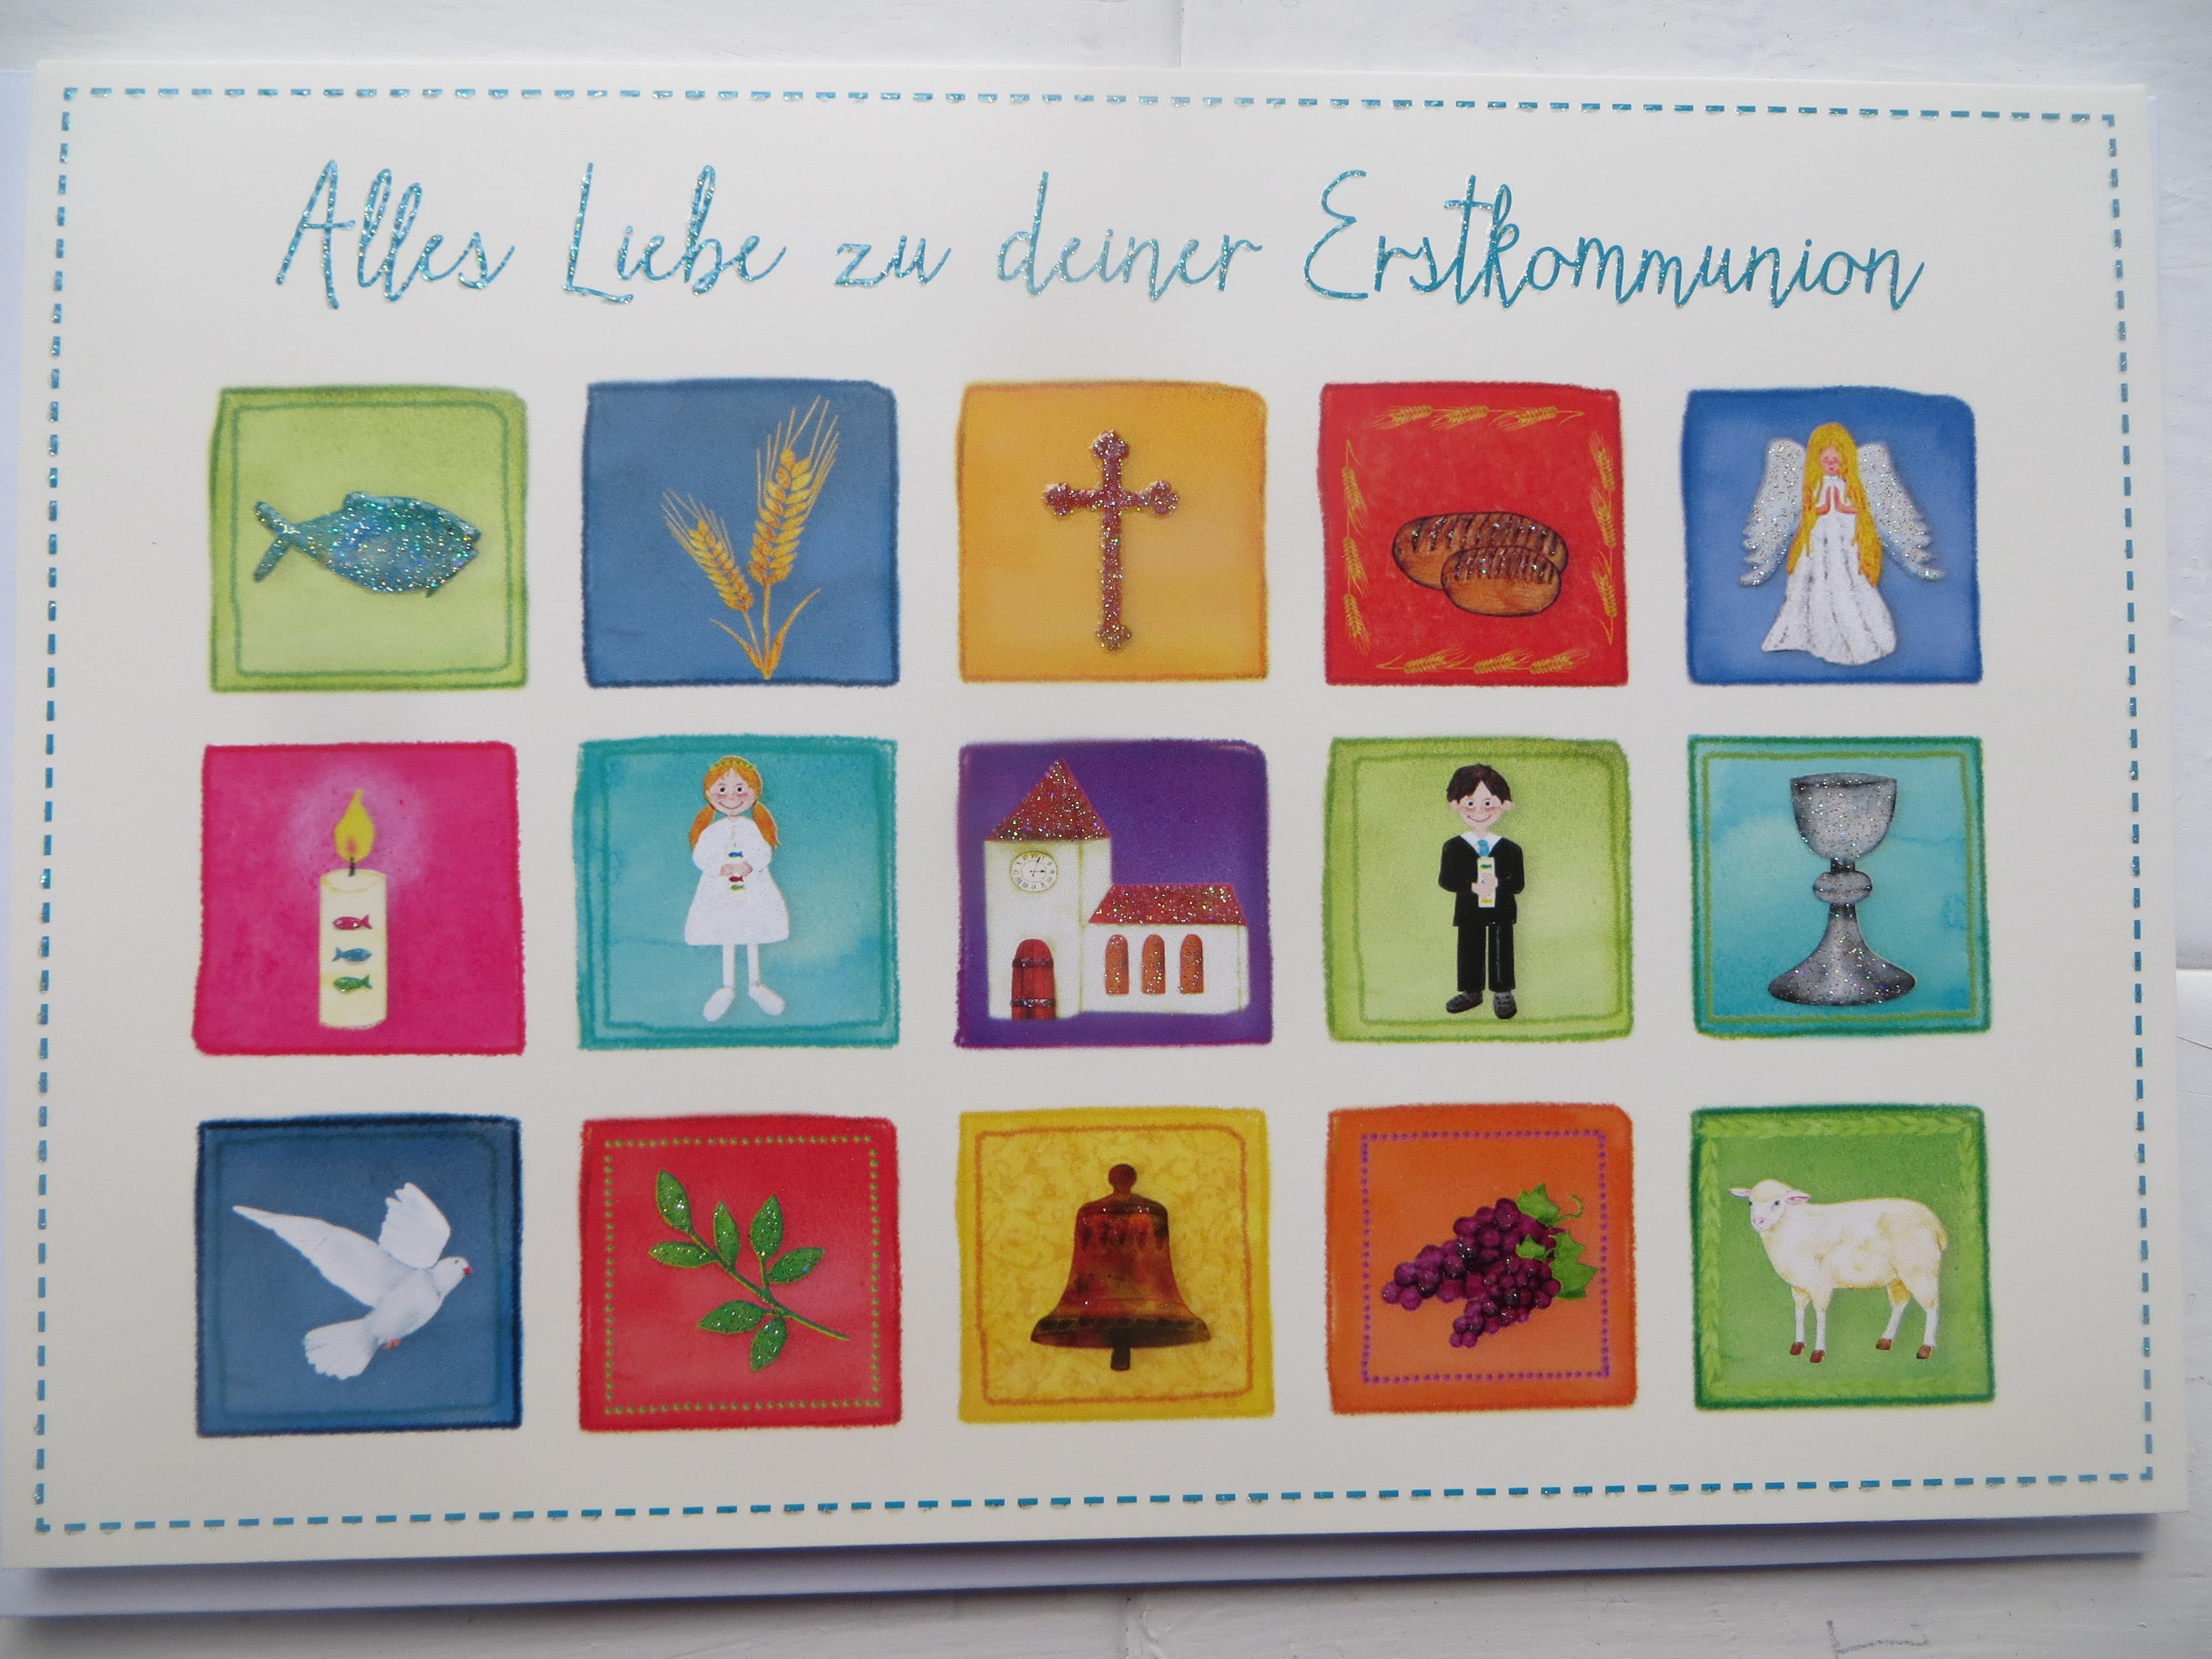 Nützlichgrusskarten - Klappkarte Alles Liebe zu deiner Erstkommunion - Onlineshop Tante Emmer